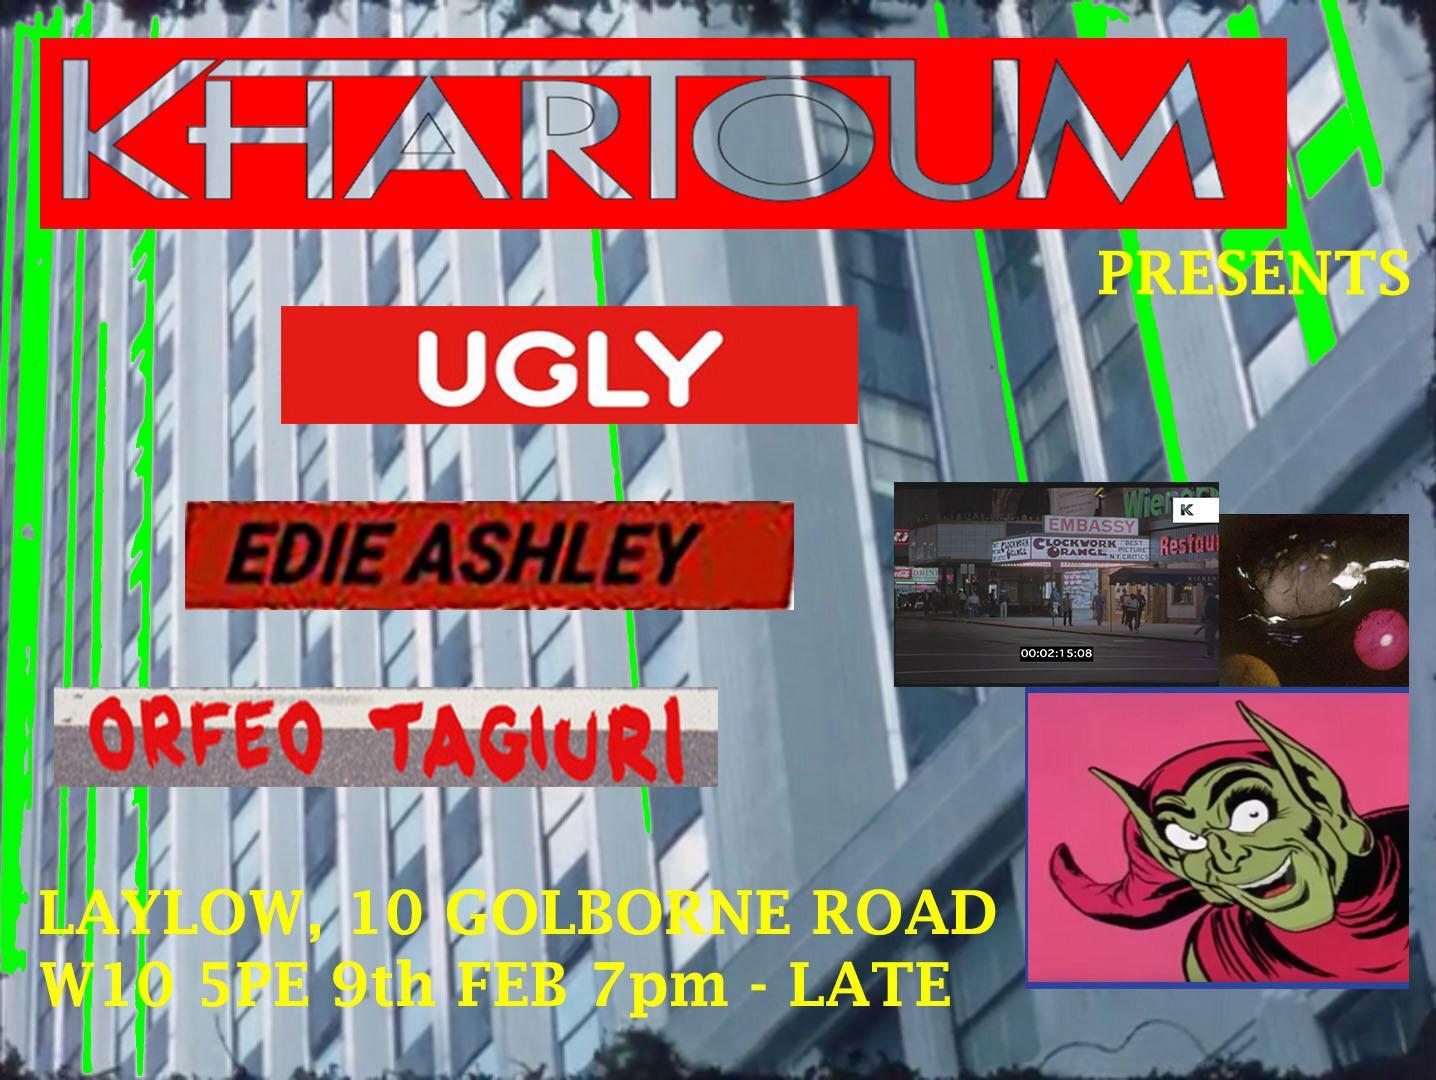 Khartoum w/ Ugly, Edie Ashley, Orfeo Tagiuri